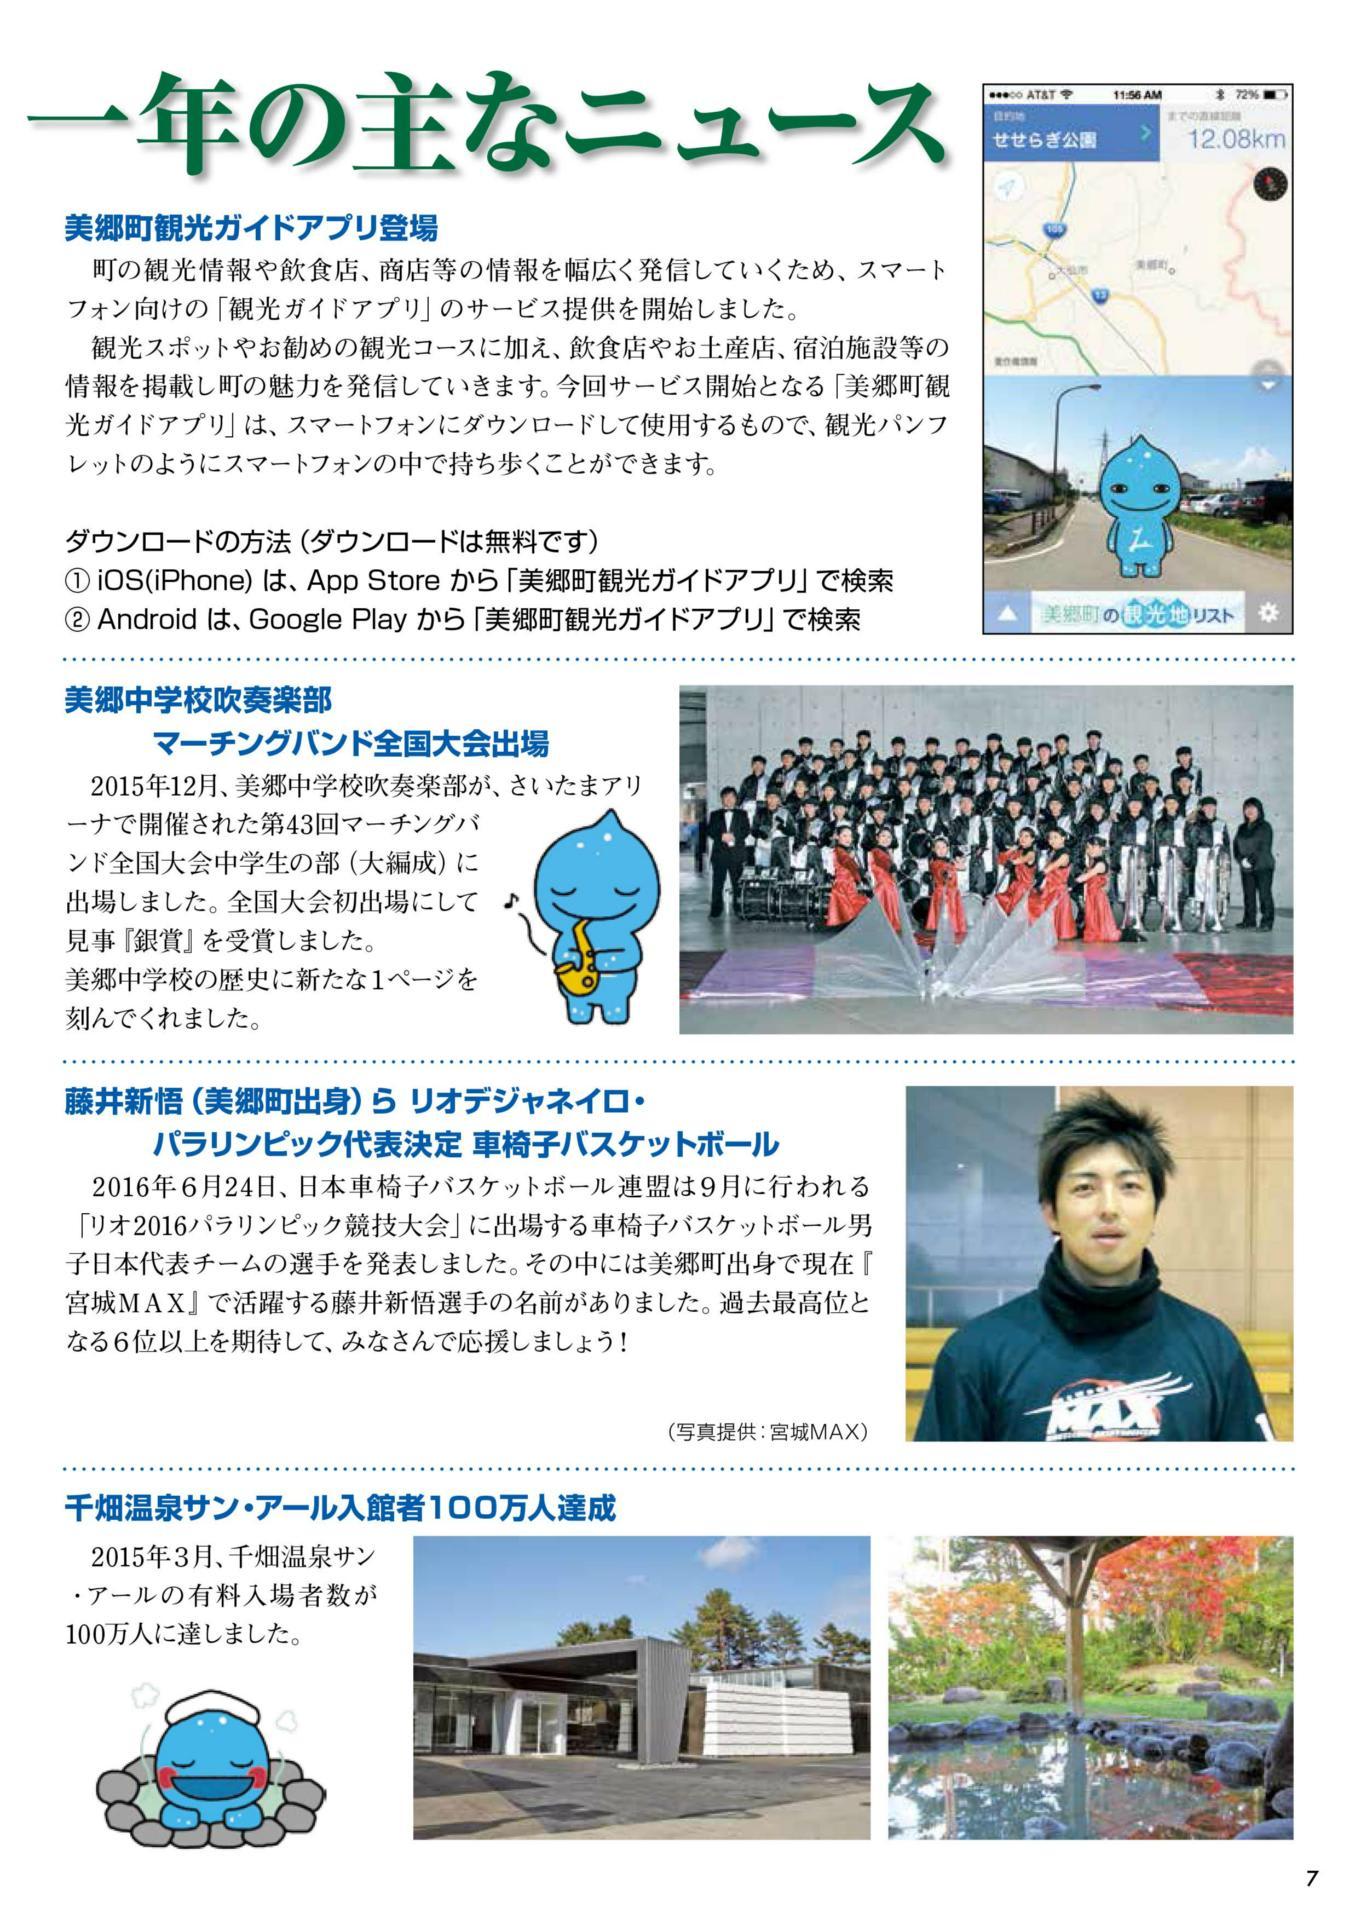 第4回秋田・美郷町ふるさと会パンフレット(この一年の主なニュース)